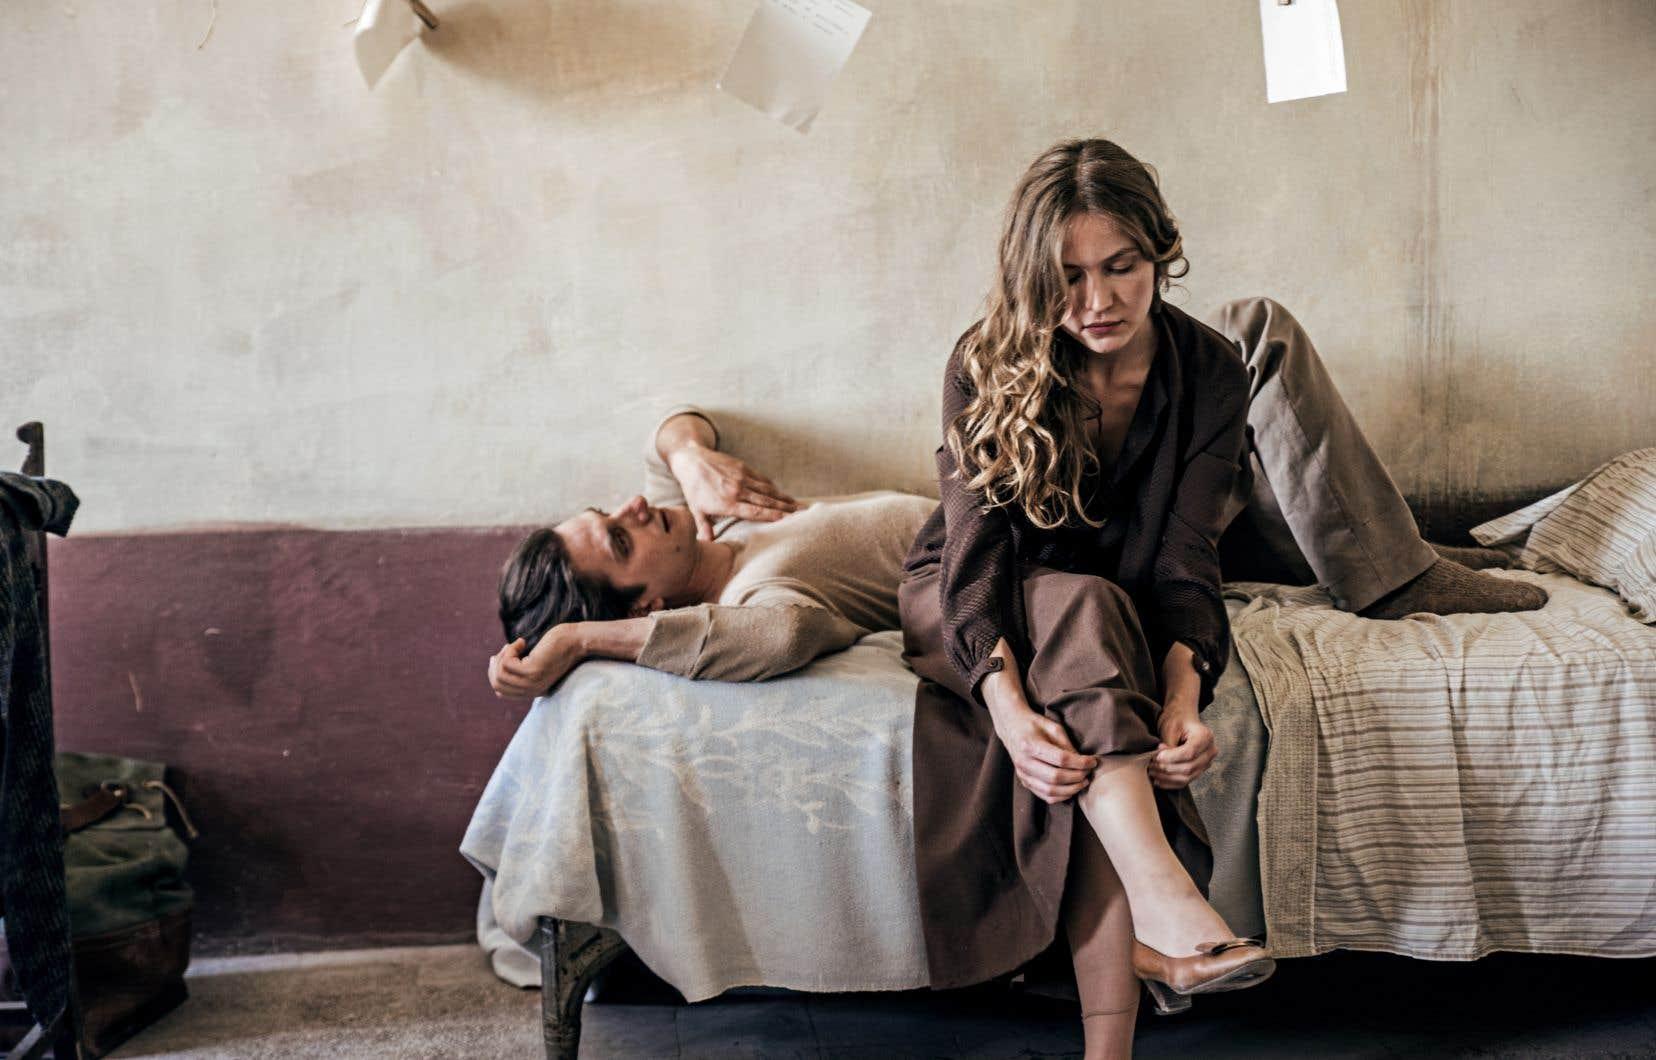 Luca Marinelli dans le rôle de Martin Eden, et Jessica Cressy dans le rôle d'Elena Orsini